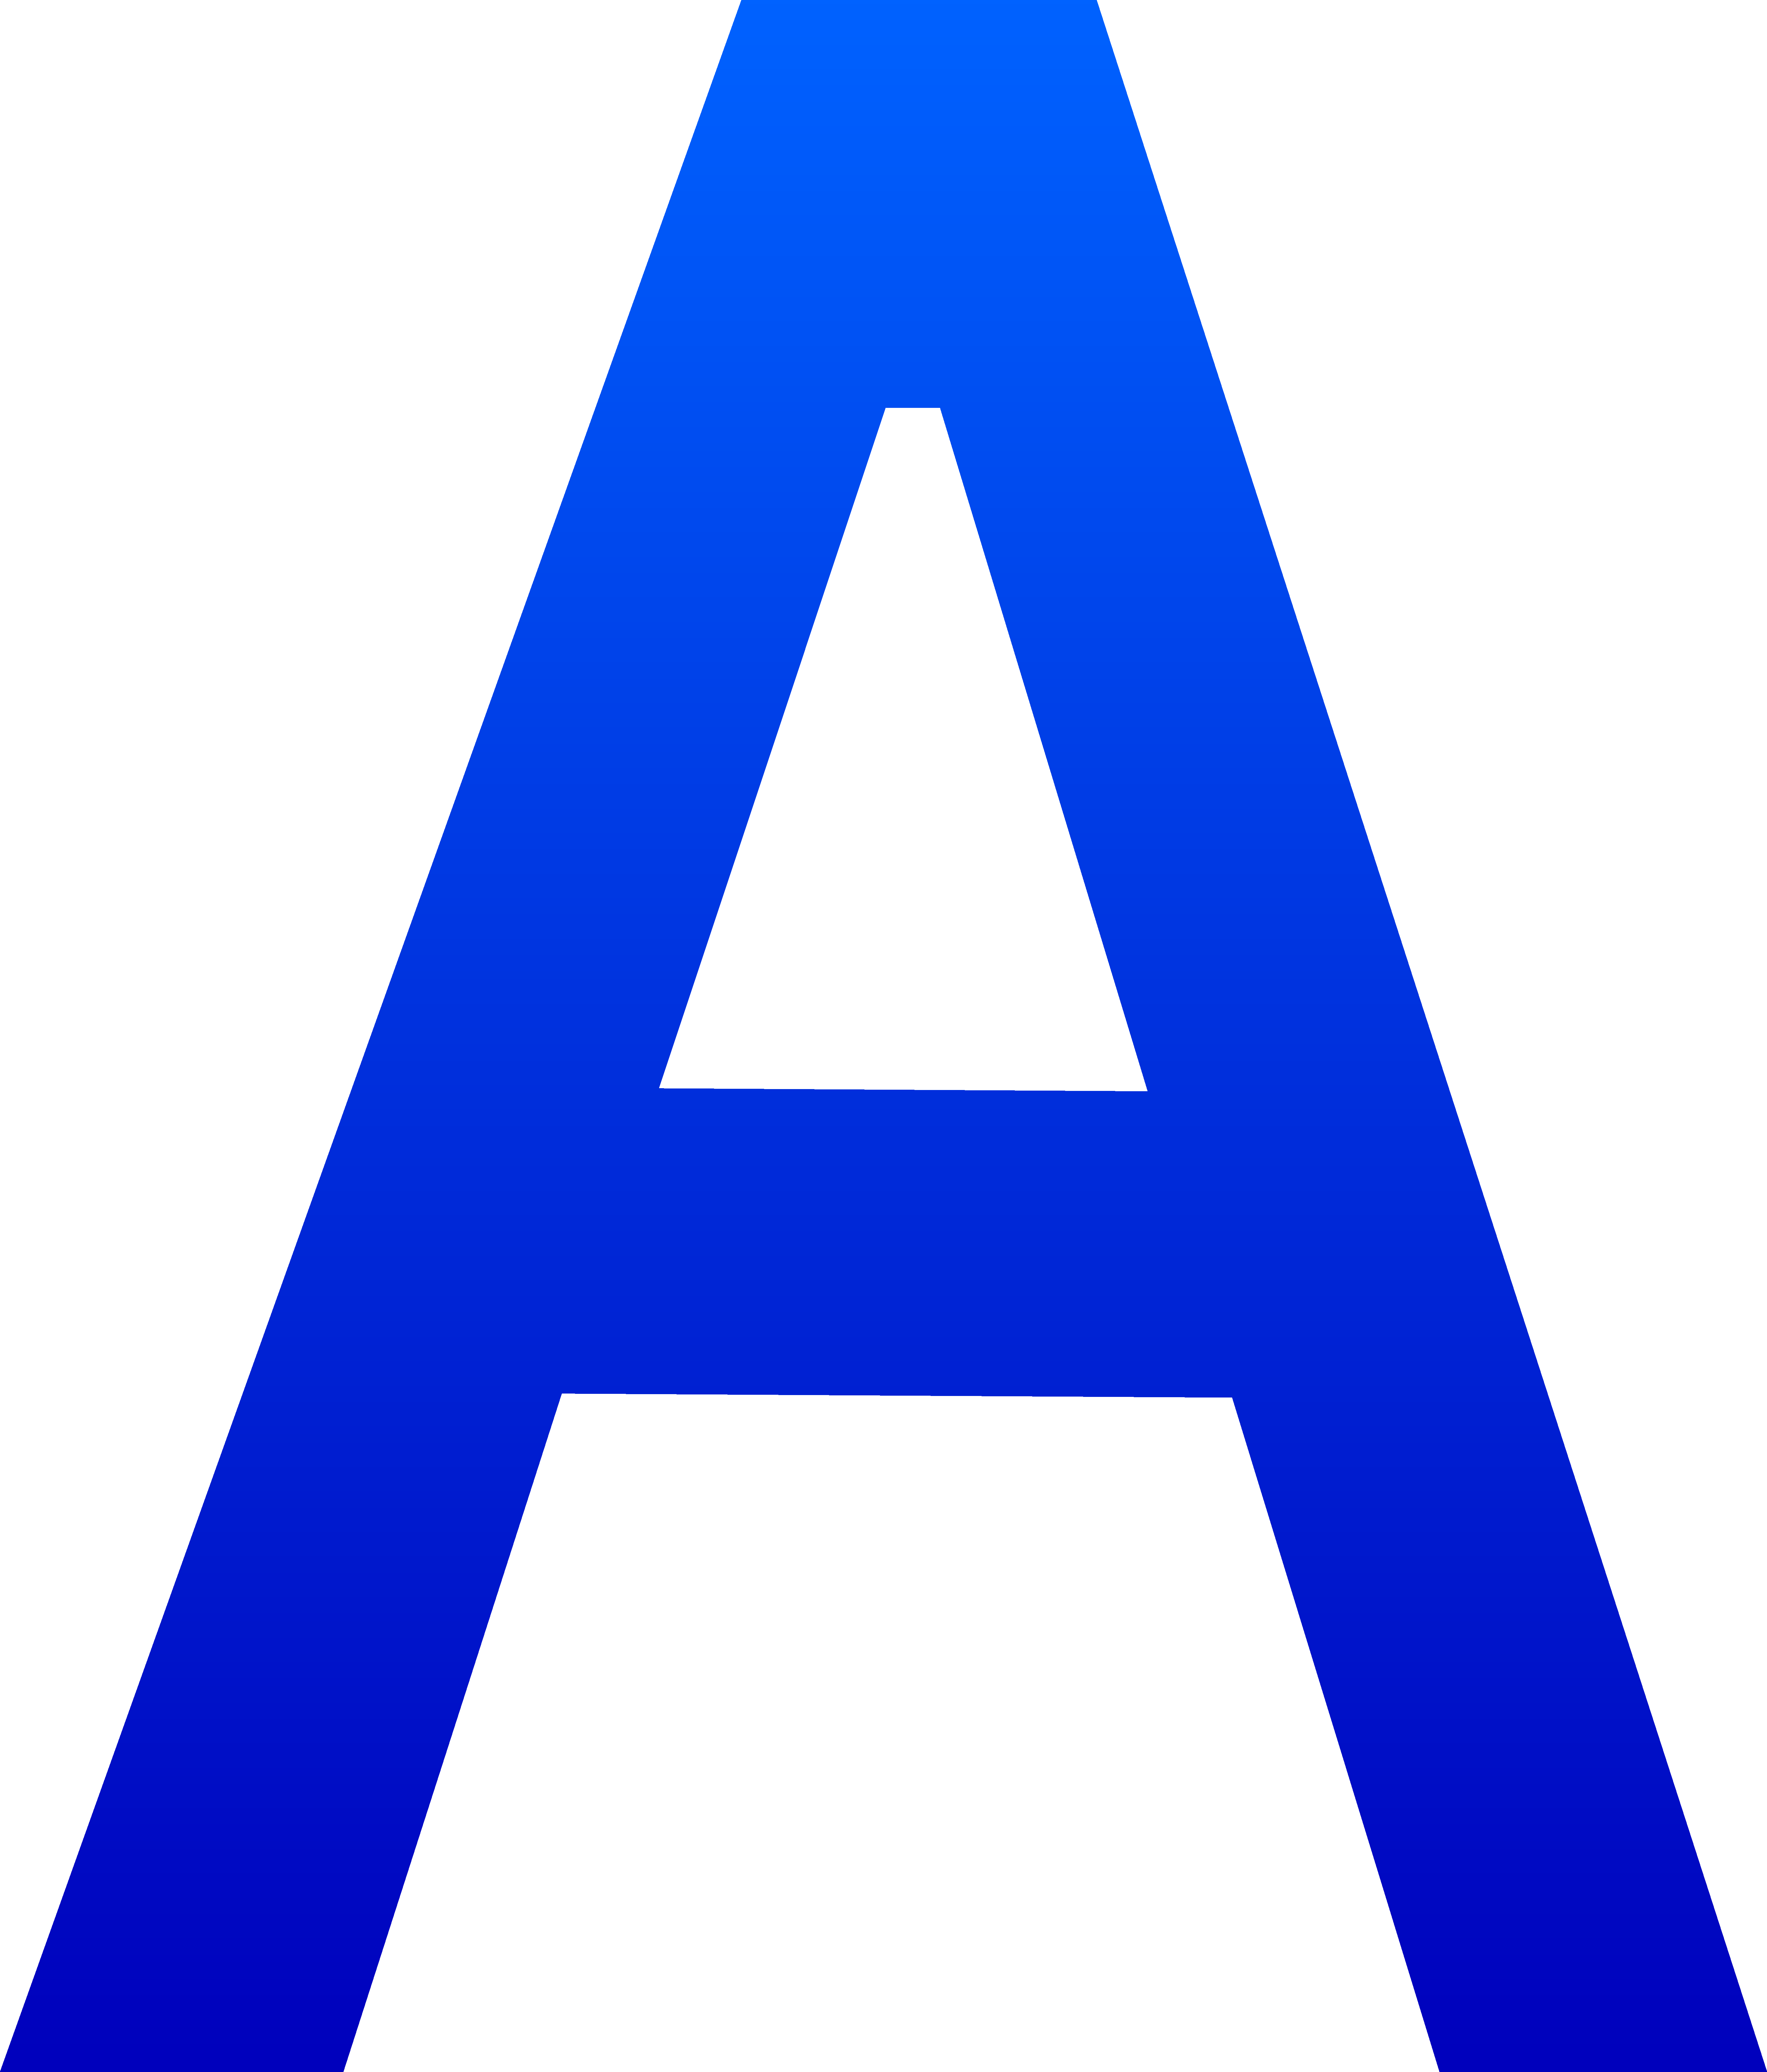 разработка и эксплуатация автоматизированных информационных систем практикум по scada системе